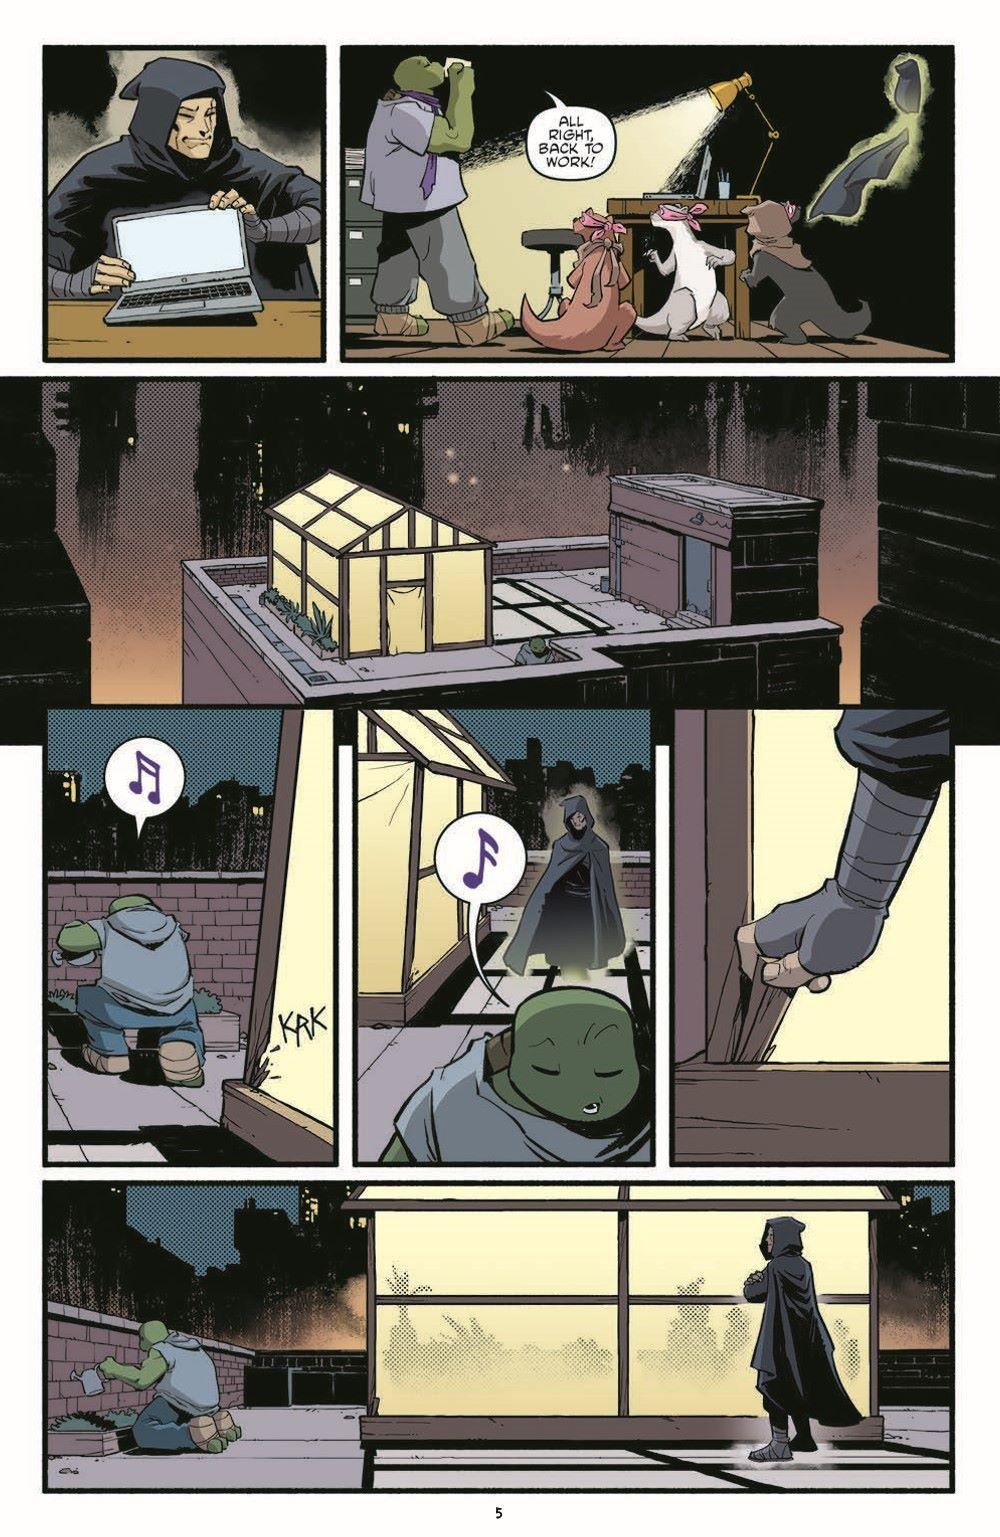 TMNT118_pr-7 ComicList Previews: TEENAGE MUTANT NINJA TURTLES #118